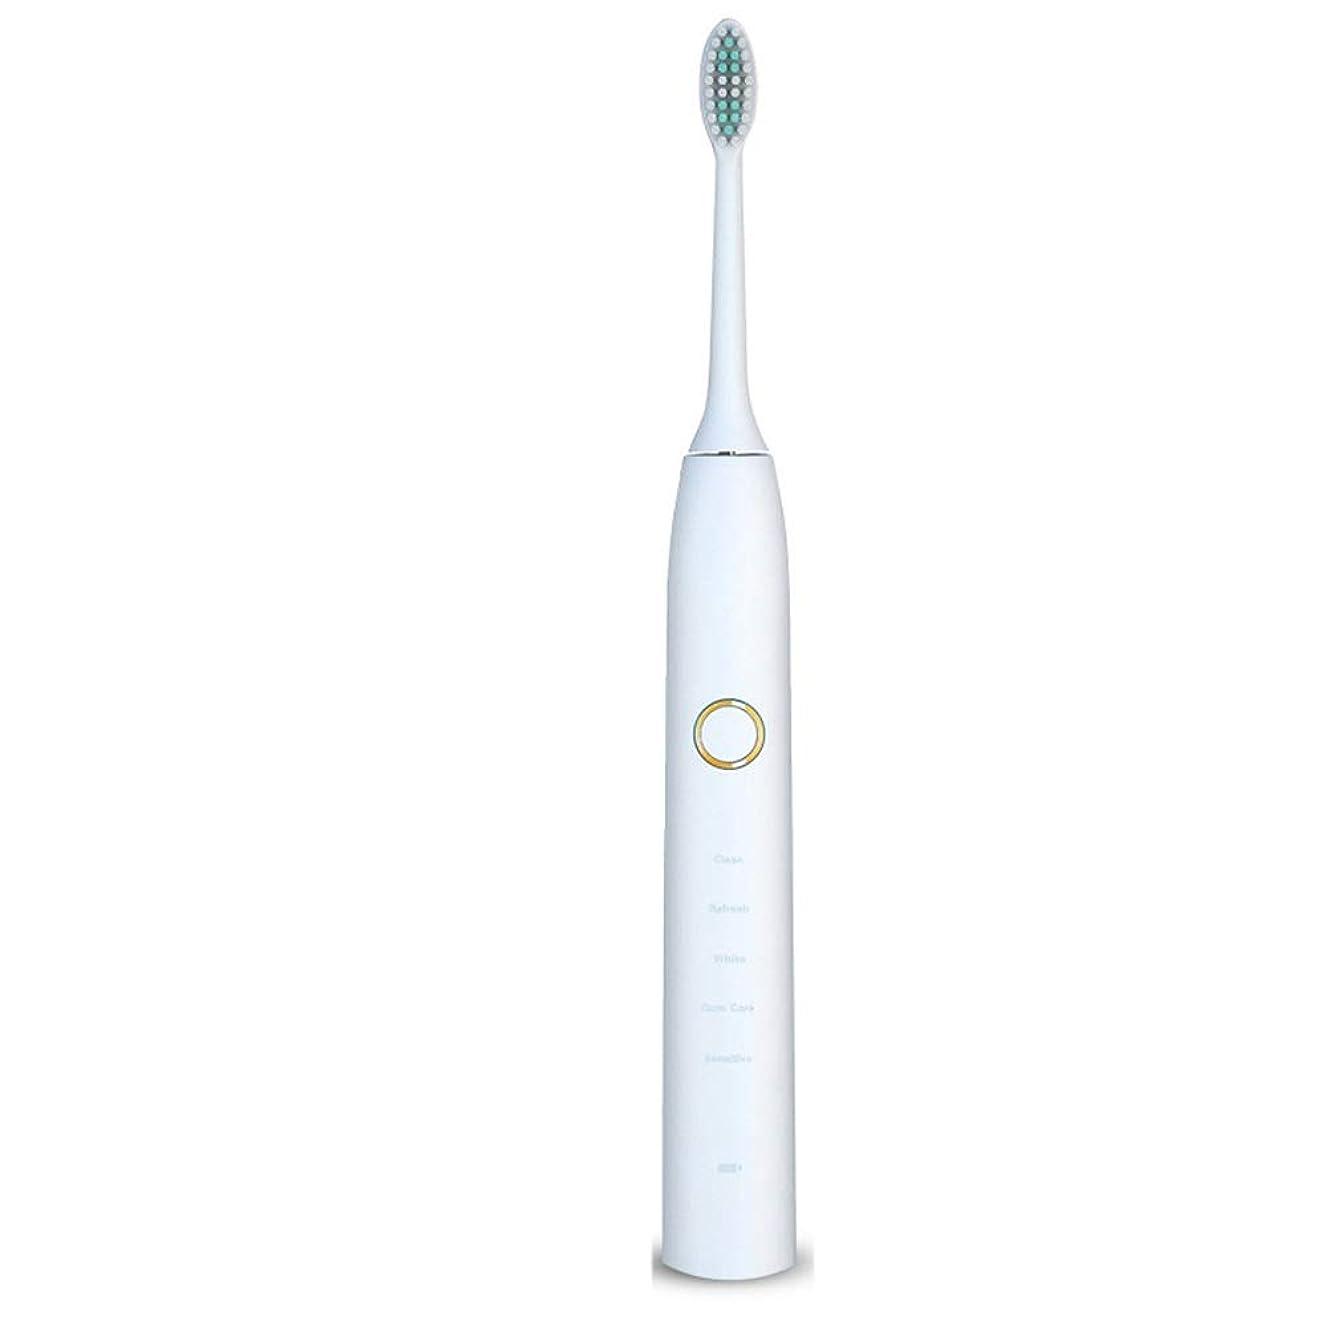 のみ最も遠い社員電動歯ブラシ 電動歯ブラシUSB充電式ソフトヘア保護クリーンホワイトニング歯ブラシ ケアー プロテクトクリーン (色 : 白, サイズ : Free size)